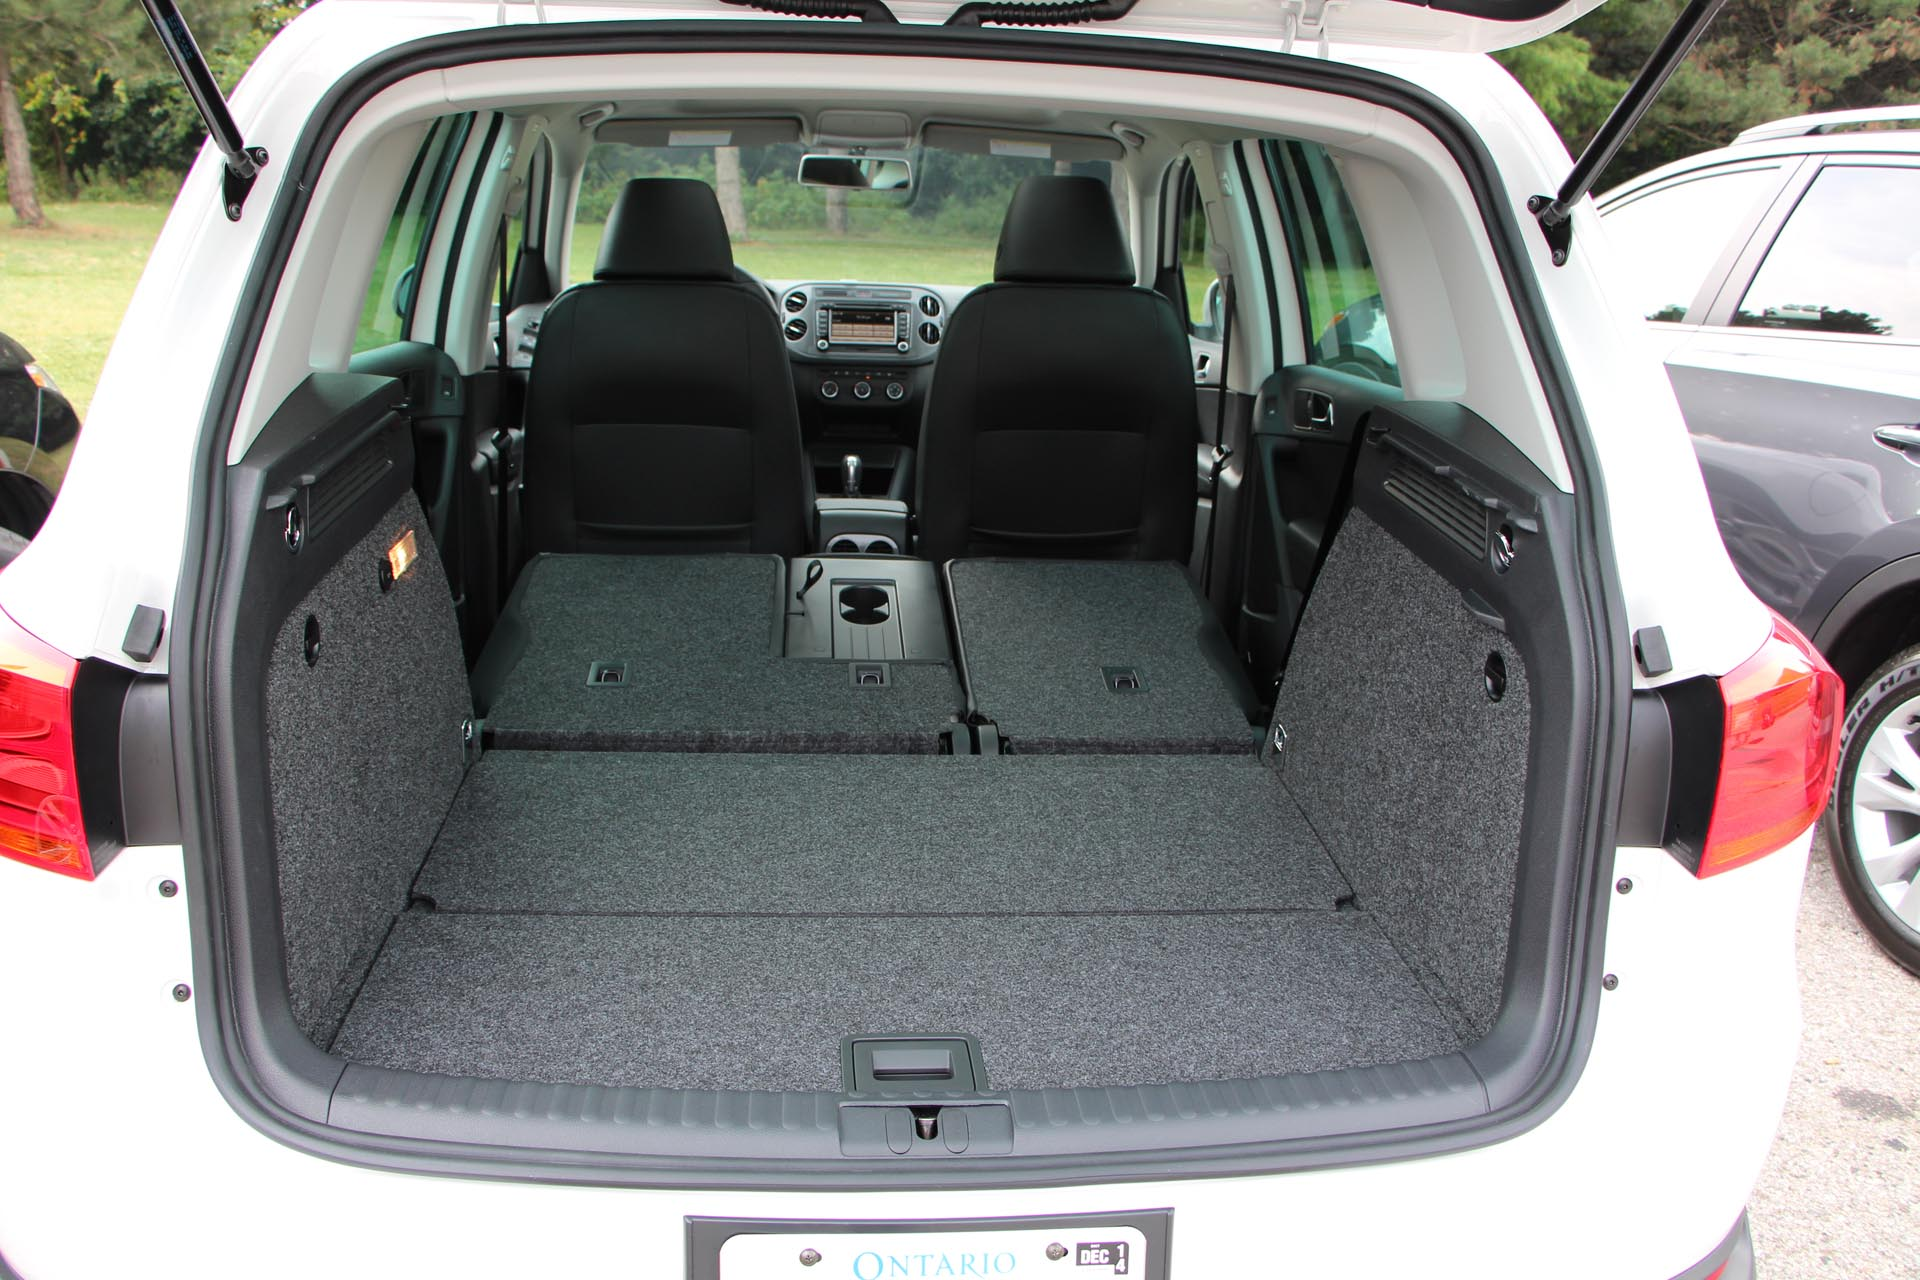 2014 Volkswagen Tiguan Comfortline Autosca